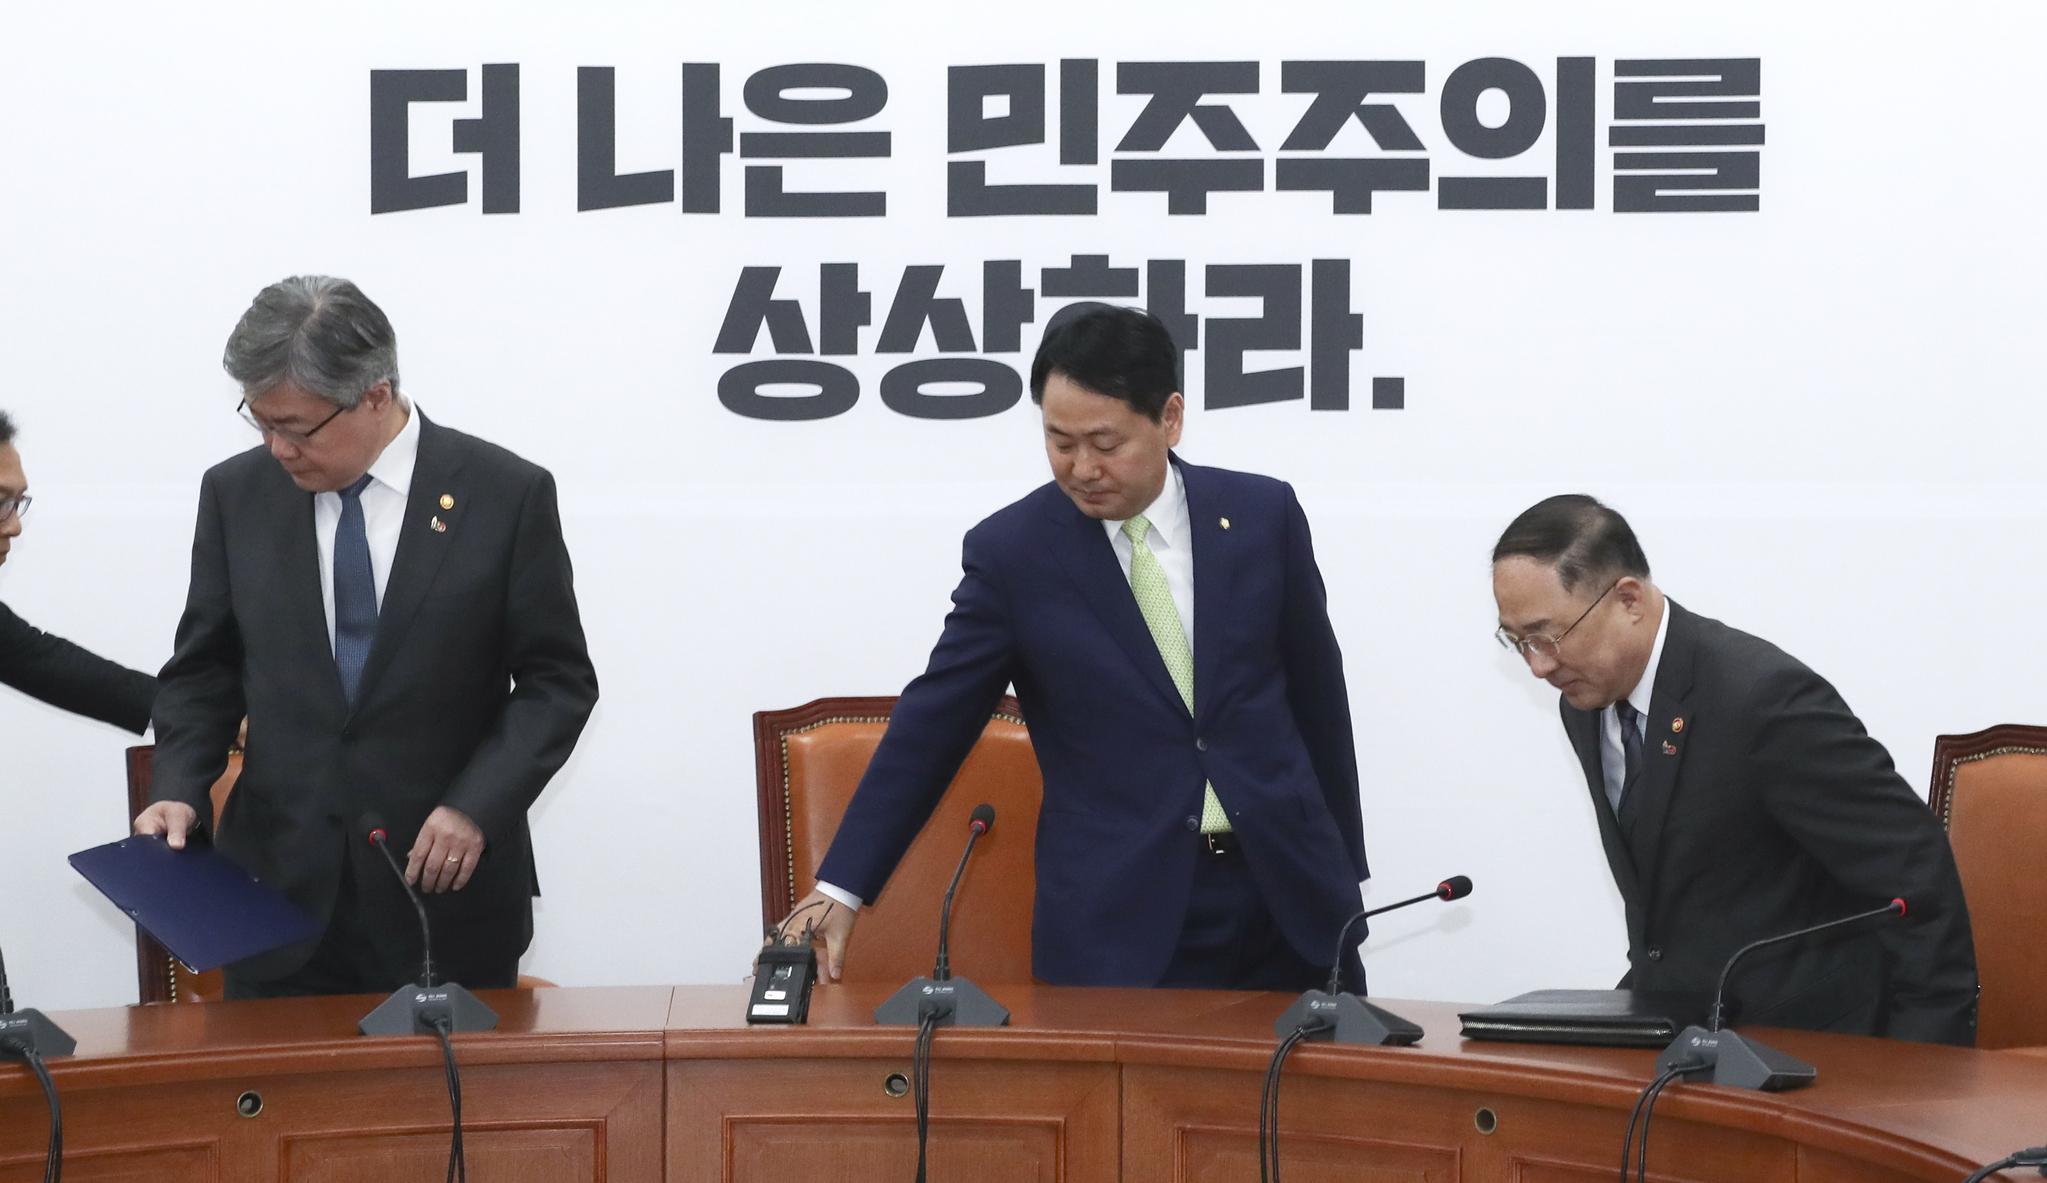 홍남기 경제부총리 겸 기획재정부 장관(오른쪽)과 이재갑 고용노동부 장관(왼쪽)이 1일 국회에서 바른미래당 김관영 원내대표를 방문해 자리에 앉고 있다. 임현동 기자